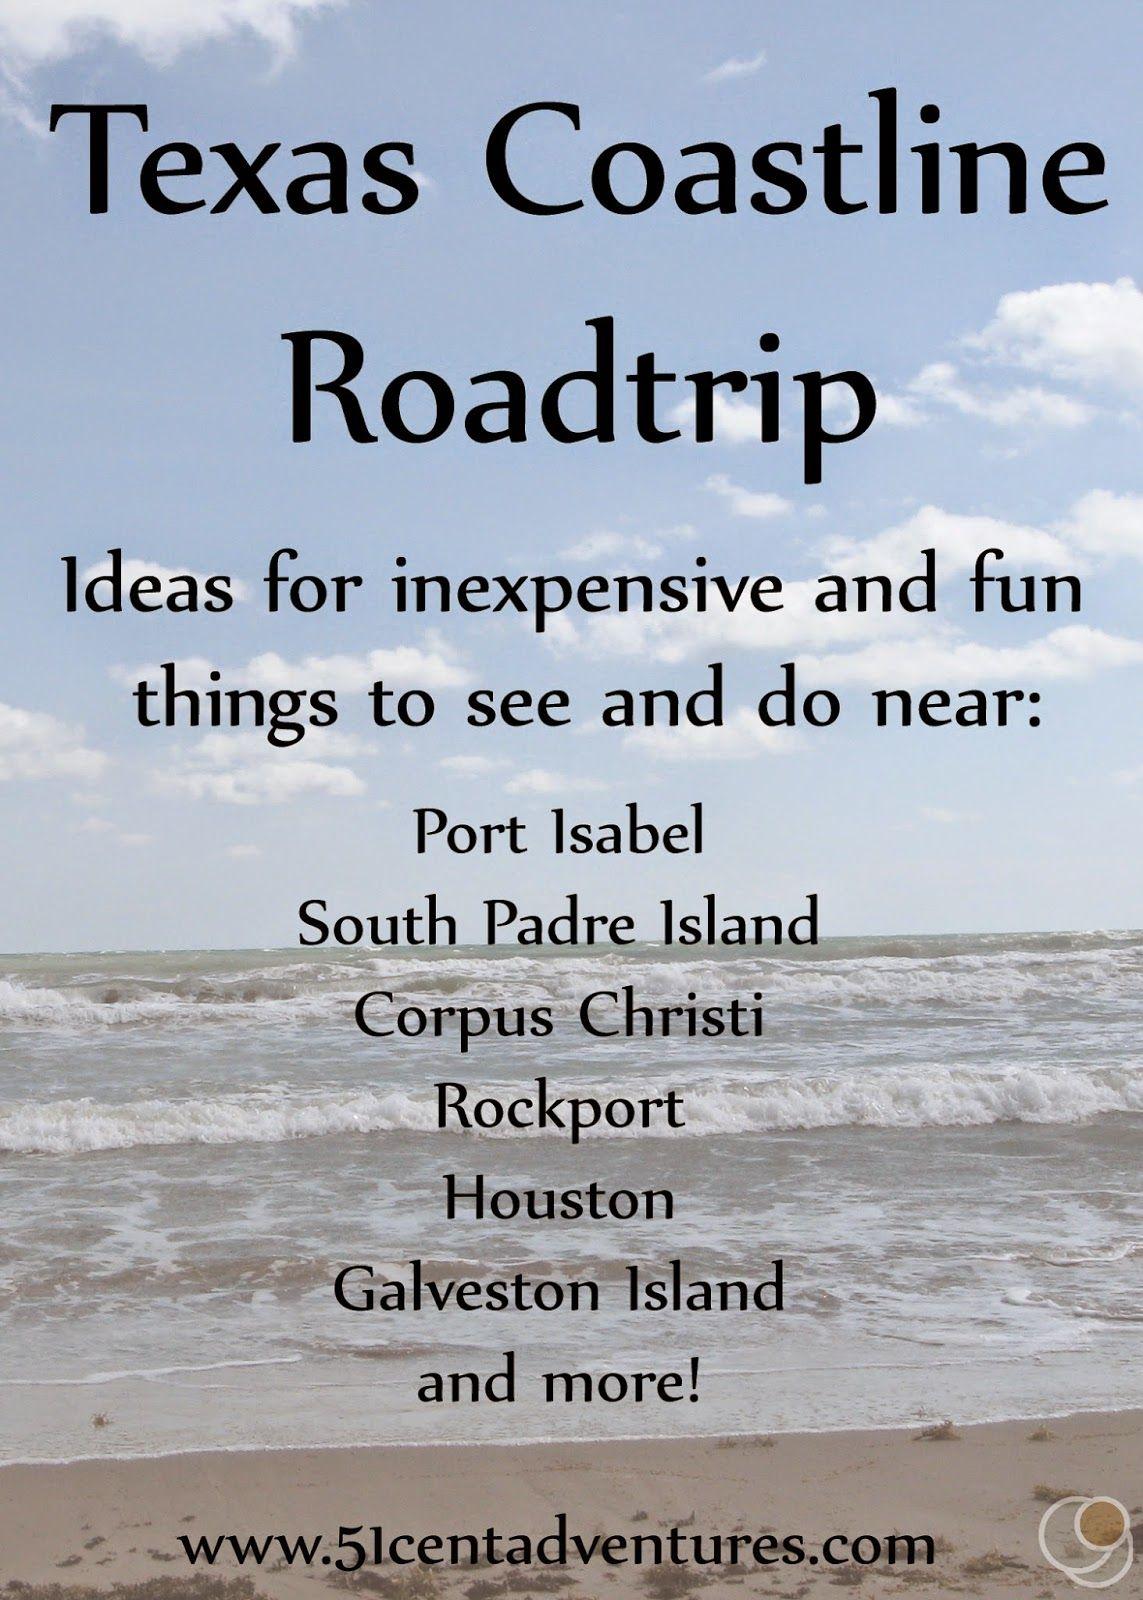 Texas Coastline Roadtrip Texas Roadtrip Road Trip Texas Travel